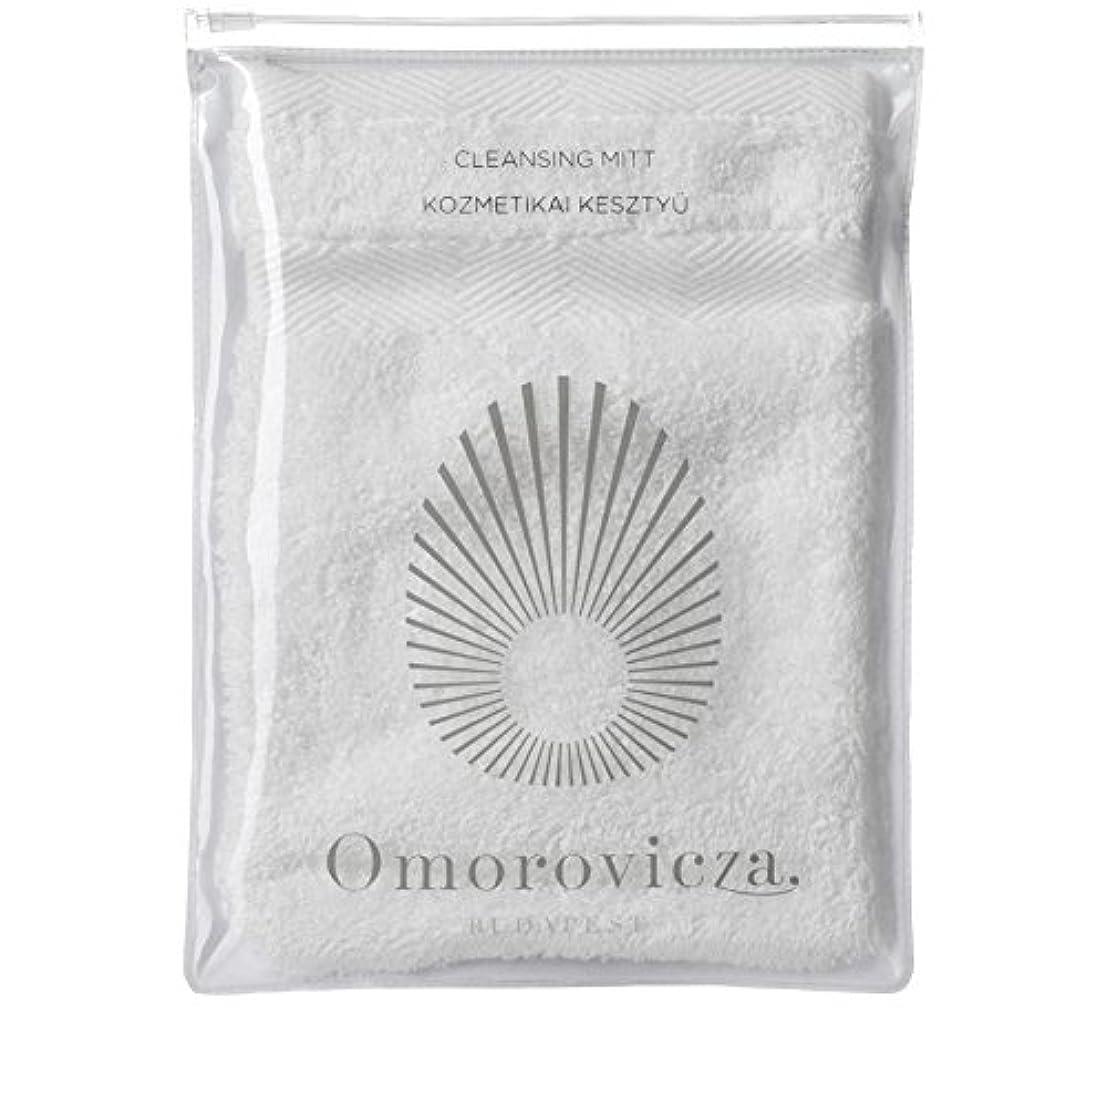 ページきゅうりペリスコープクレンジング顔のミット、 x4 - Omorovicza Cleansing Facial Mitt, Omorovicza (Pack of 4) [並行輸入品]